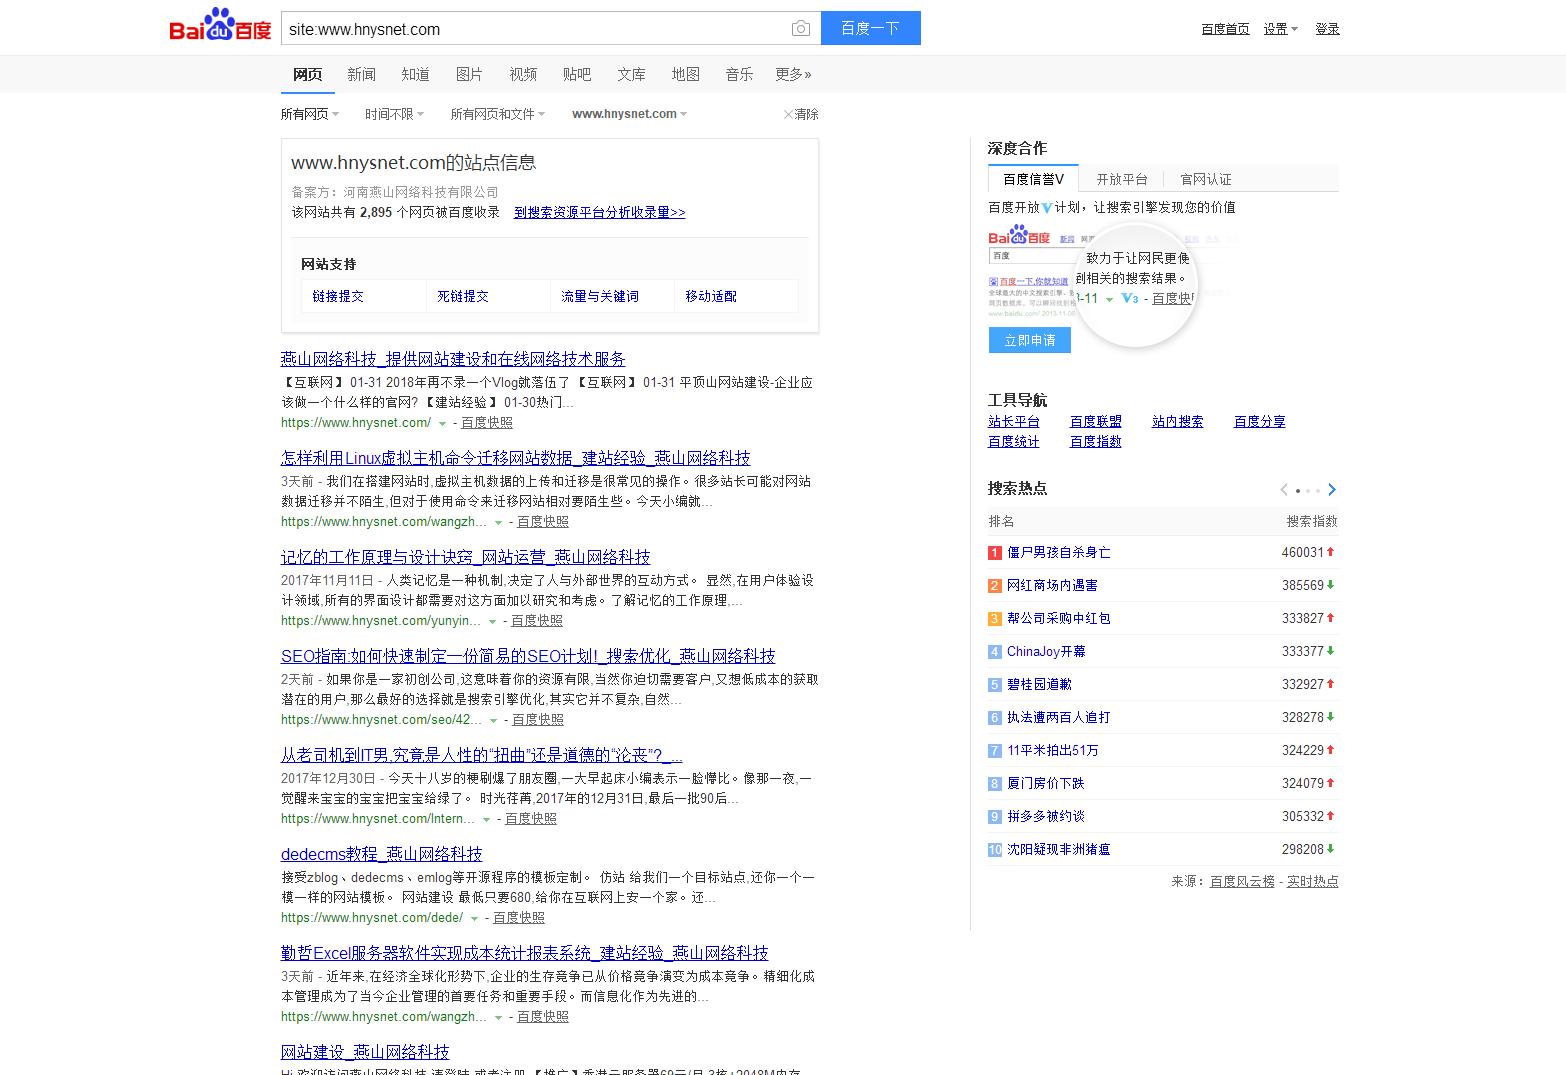 百度搜索改版了,大家怎么看? 百度搜索 互联网  第1张